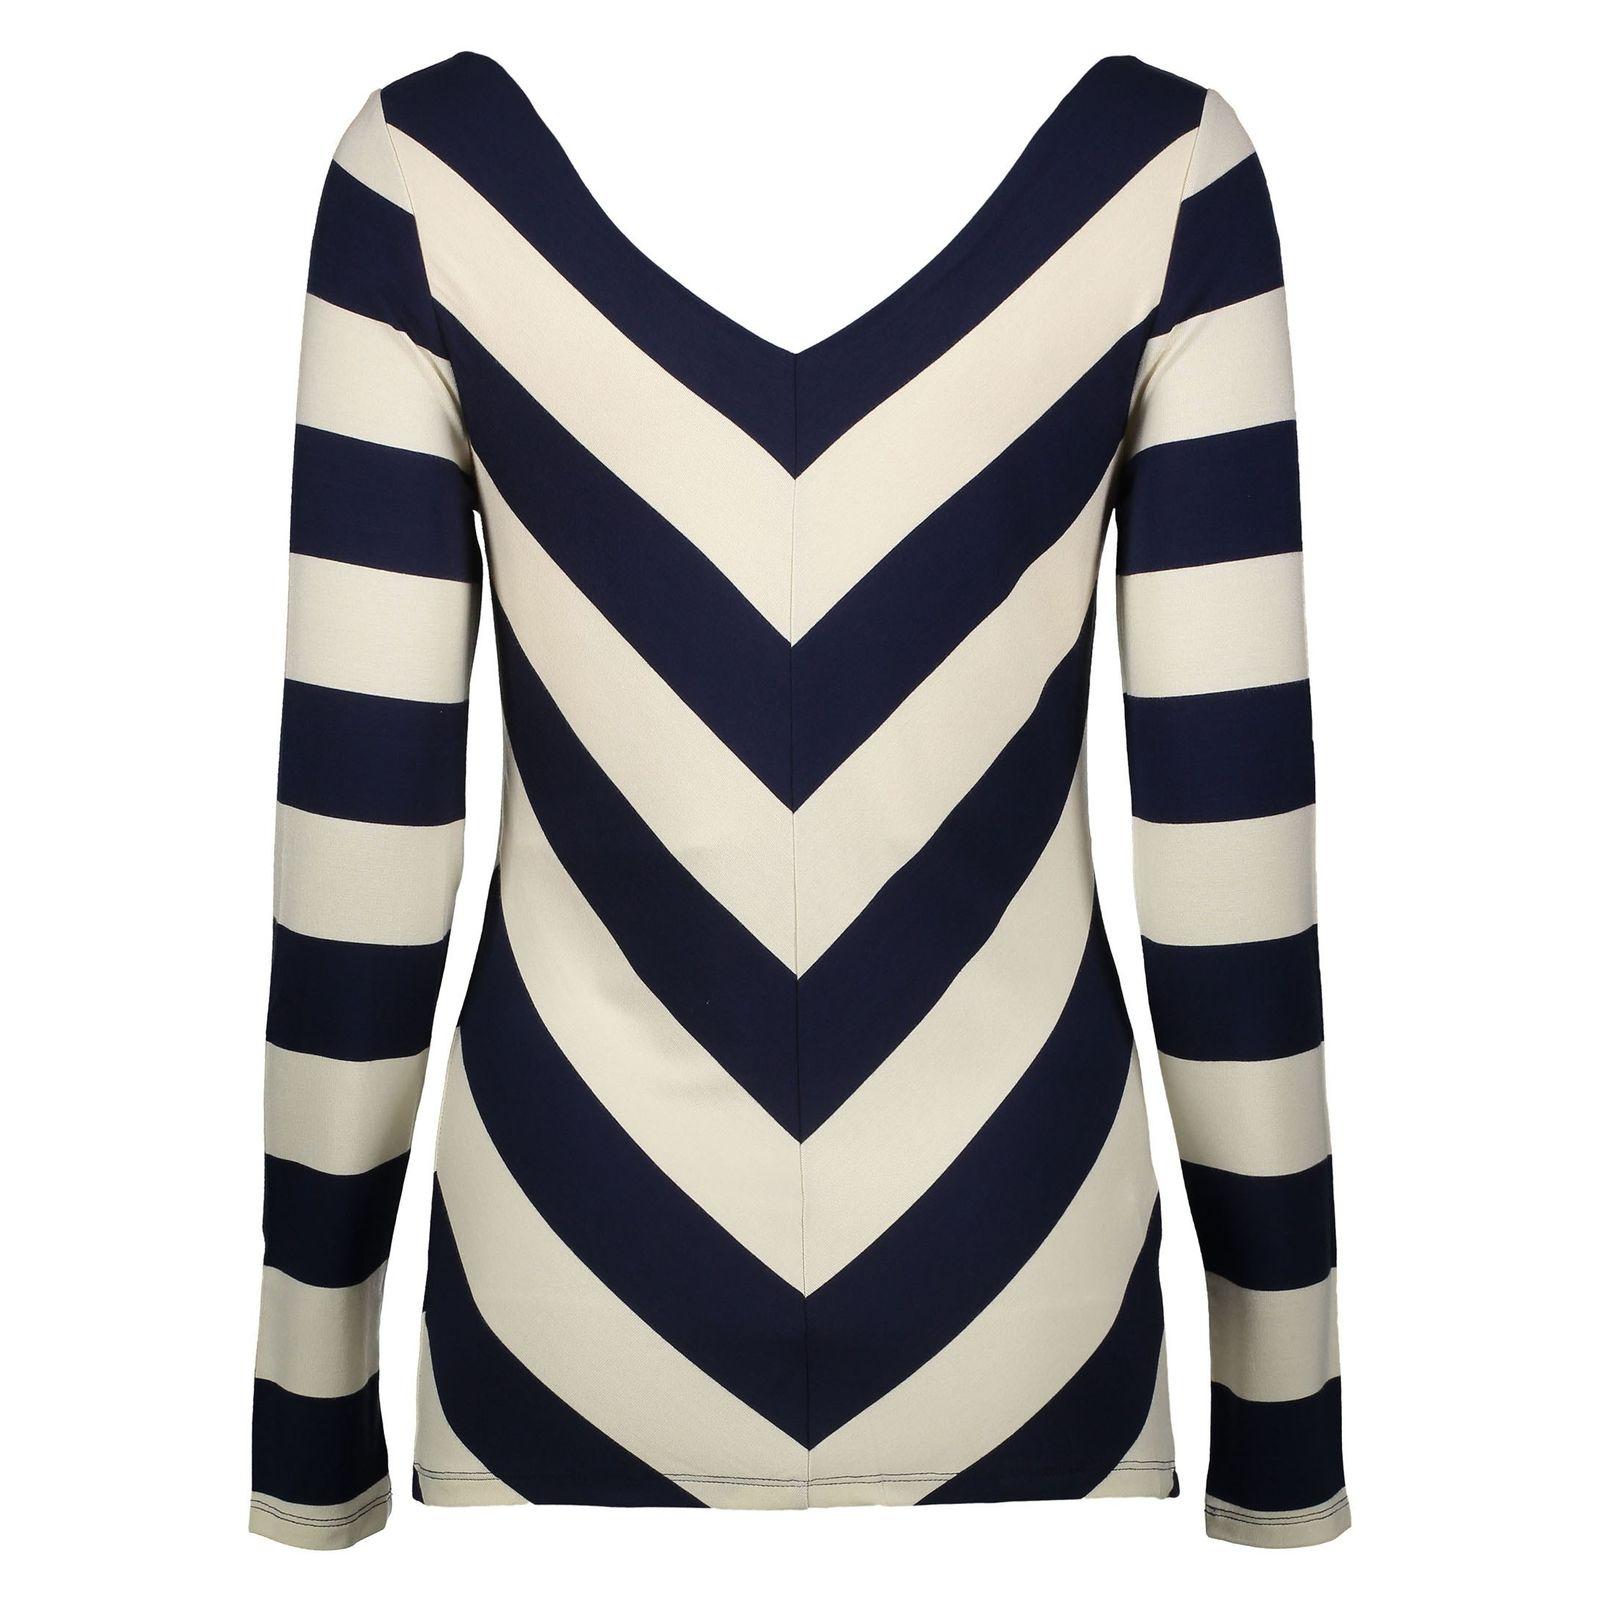 تی شرت ویسکوز یقه هفت زنانه - فاینری لندن - سرمه اي و کرم - 2